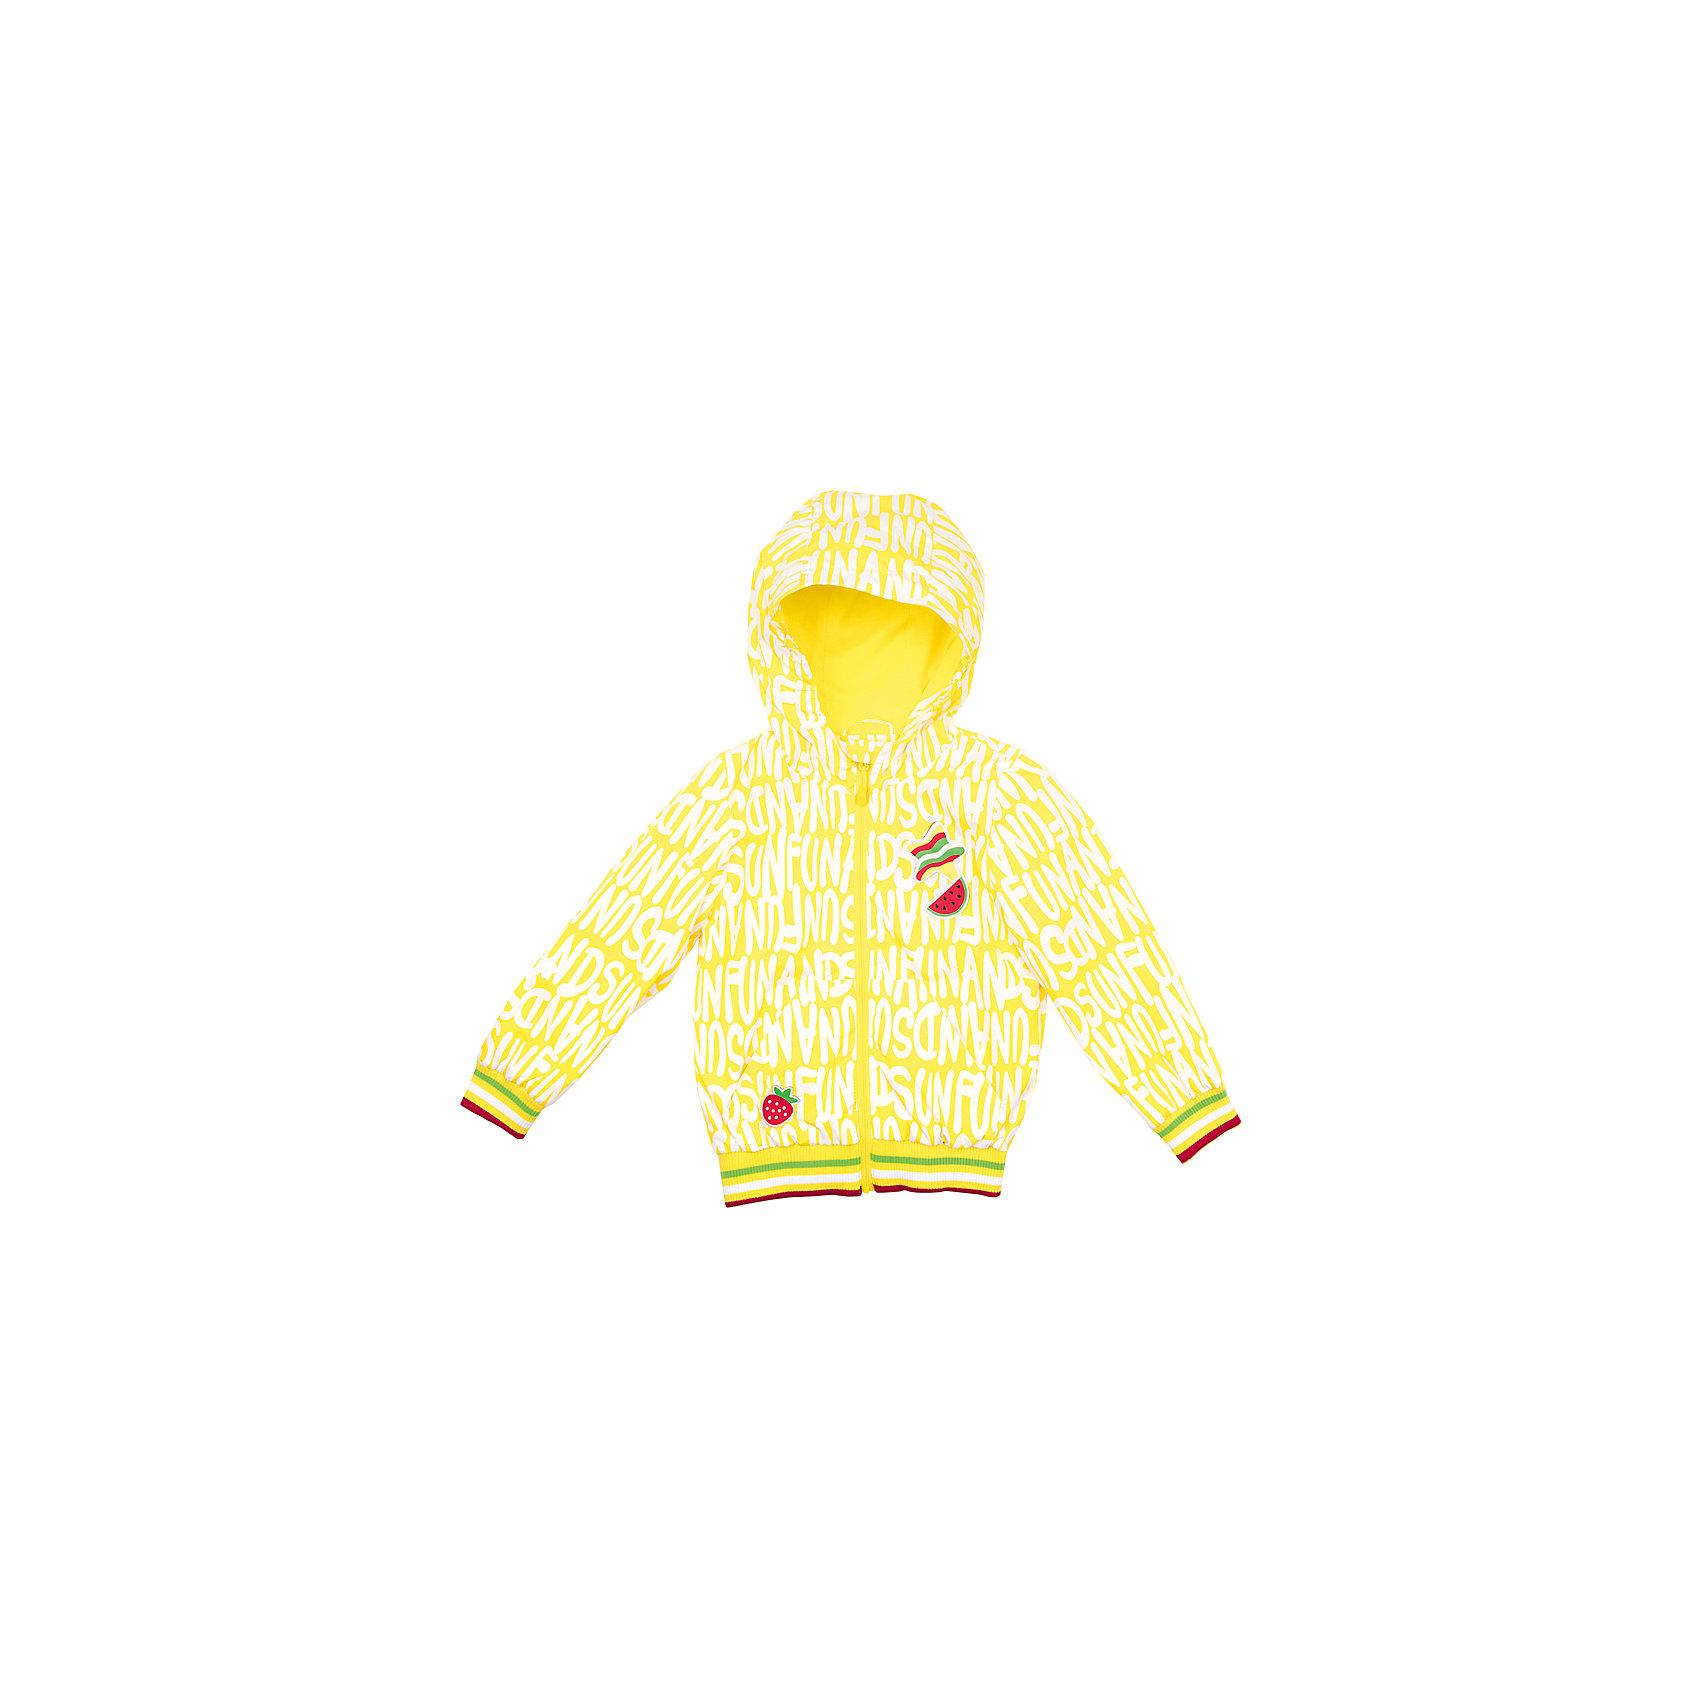 Куртка для девочки PlayTodayКуртка для девочки PlayToday<br>Практичная куртка со специальной водоотталкивающей пропиткой защитит Вашего ребенка в любую погоду! Специальный карман для фиксации застежки-молнии не позволит застежке травмировать нежную кожу ребенка. Мягкие  резинки на рукавах и по низу изделия защитят Вашего ребенка - ветер не сможет проникнуть под куртку.  Модель с резинкой на капюшоне - даже во время активных игр капюшон не упадет с головы ребенка. Модель на подкладке из натуральных тканей.Преимущества: Водоооталкивающая тканьМодель с резинкой на капюшоне.Защита подбородка. Специальный карман для фиксации застежки - молнии не позволит застежке травмировать нежную кожу ребенка<br>Состав:<br>Верх: 100% полиэстер, подкладка: 60% хлопок, 40% полиэстер<br><br>Ширина мм: 356<br>Глубина мм: 10<br>Высота мм: 245<br>Вес г: 519<br>Цвет: светло-желтый<br>Возраст от месяцев: 84<br>Возраст до месяцев: 96<br>Пол: Женский<br>Возраст: Детский<br>Размер: 128,98,104,110,122,116<br>SKU: 5404382